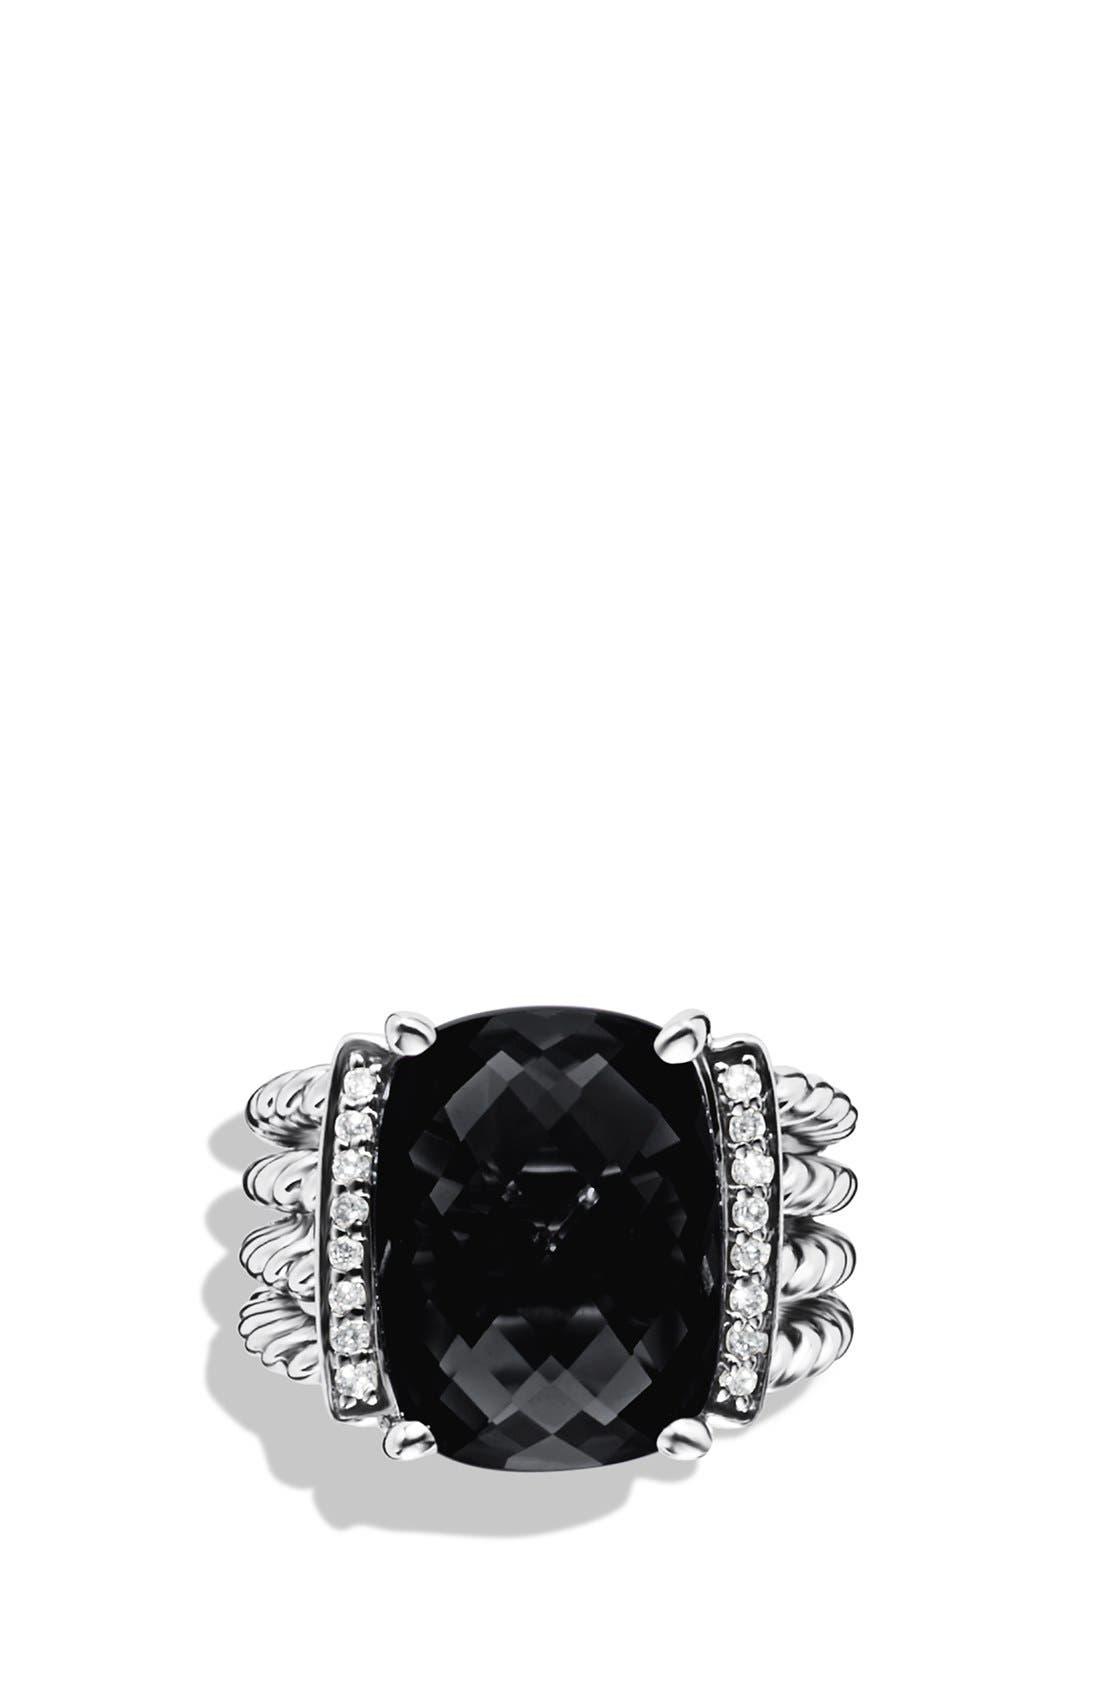 Alternate Image 3  - David Yurman 'Wheaton' Ring with Semiprecious Stone & Diamonds